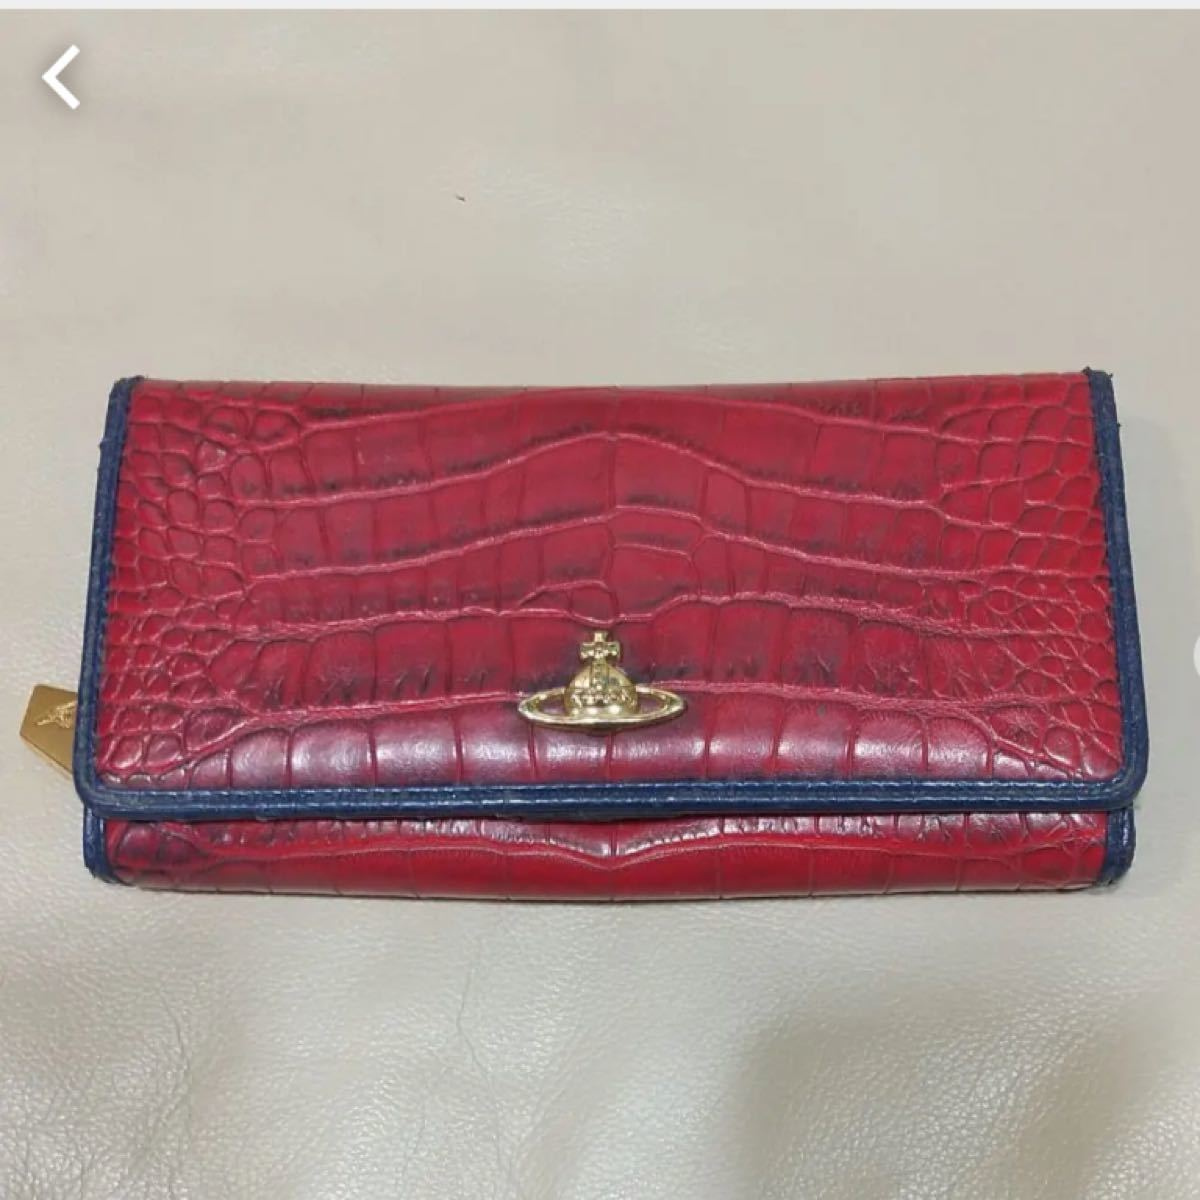 ヴィヴィアンウエストウッド 長財布 財布